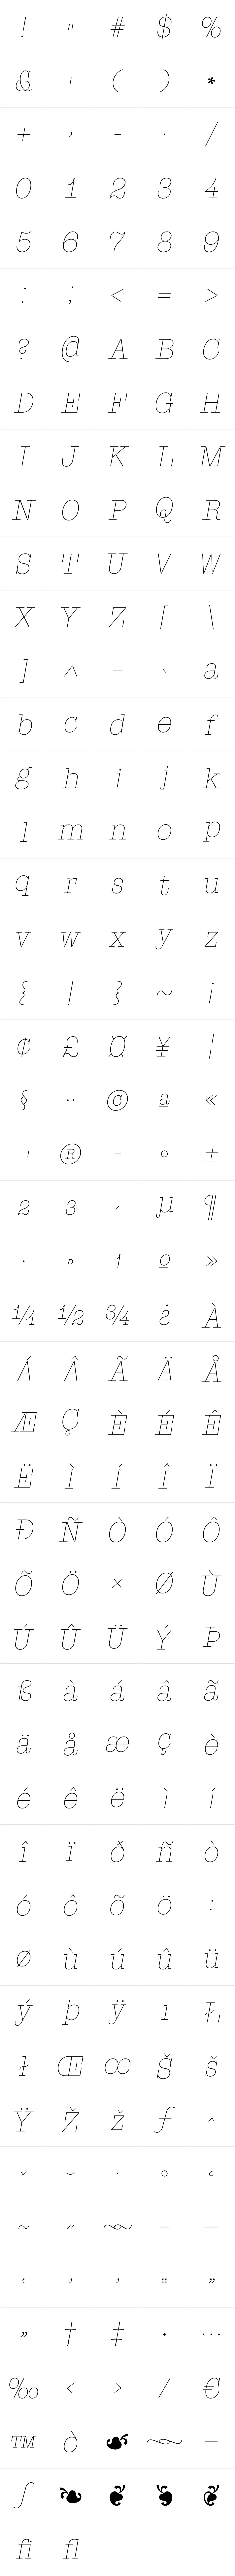 Suomi Slab Serif Thin Italic